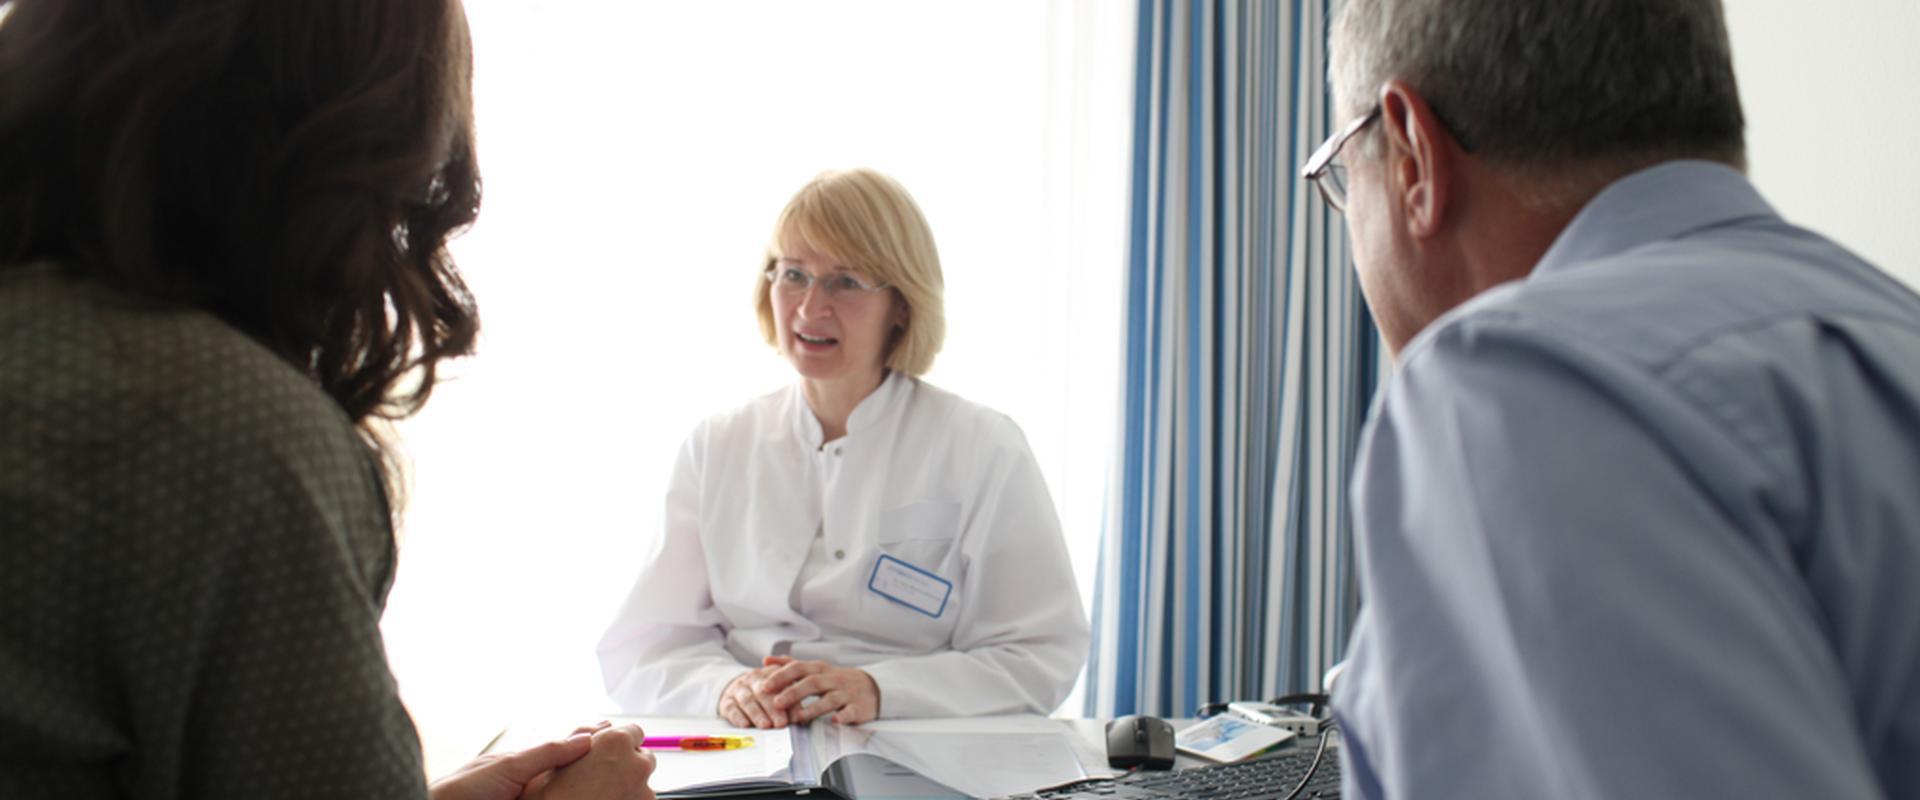 Patienten im Gespräch mit einer Ärztin in der MEDIAN Klinik Berlin-Kladow